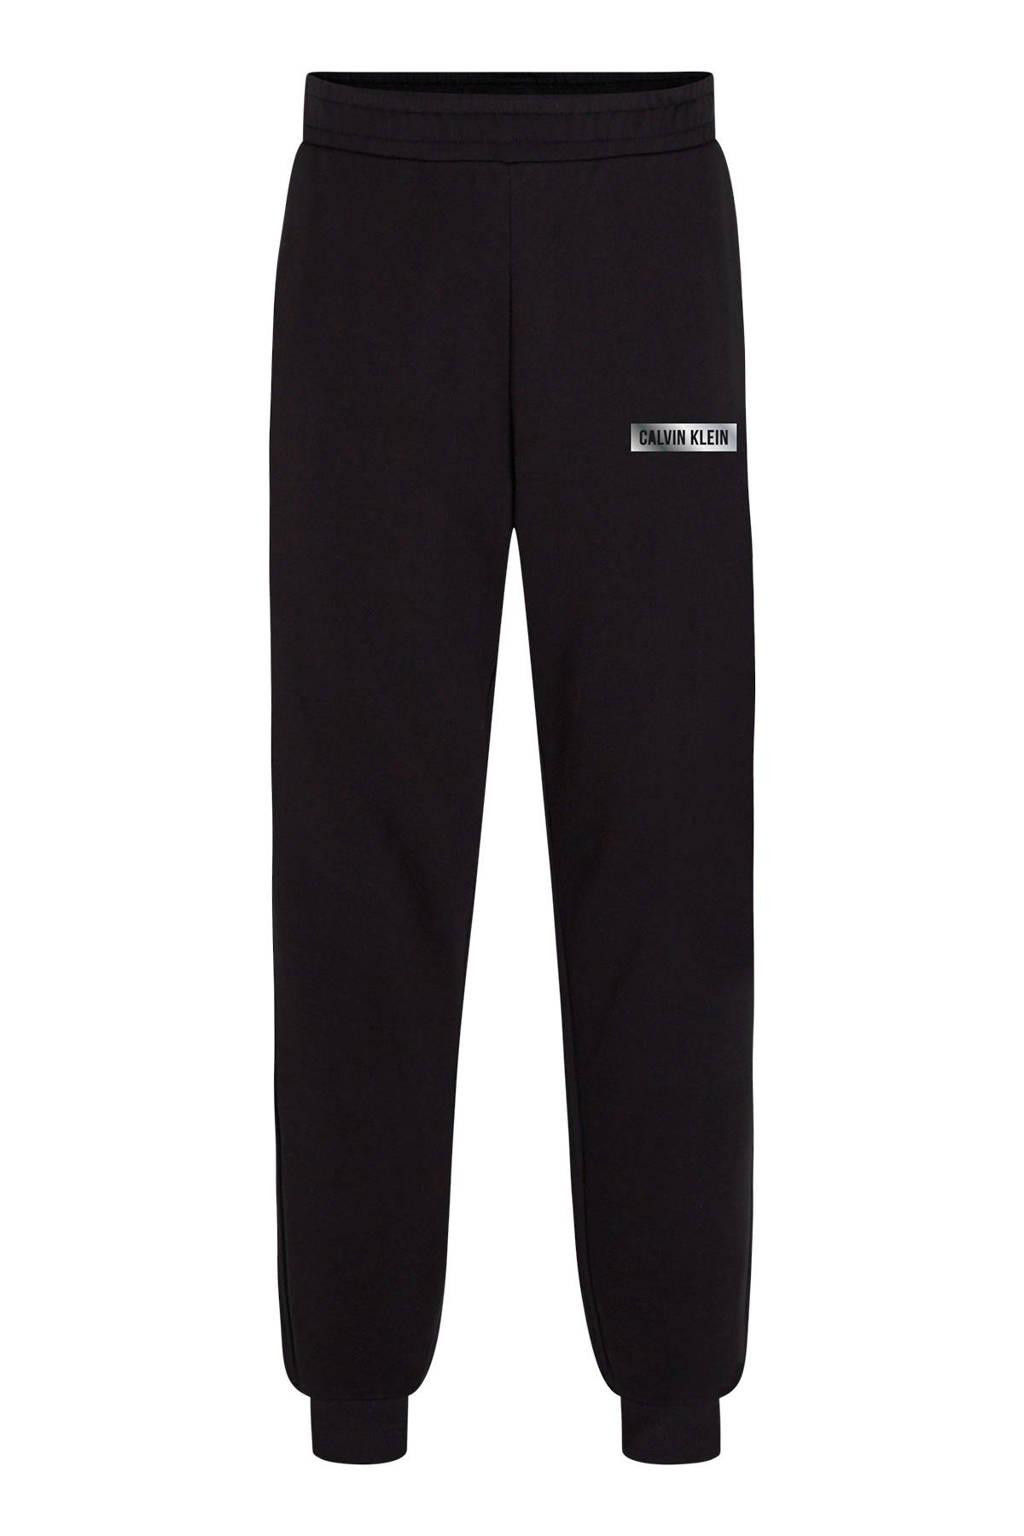 CALVIN KLEIN PERFORMANCE   sportbroek zwart/wit, Zwart/wit